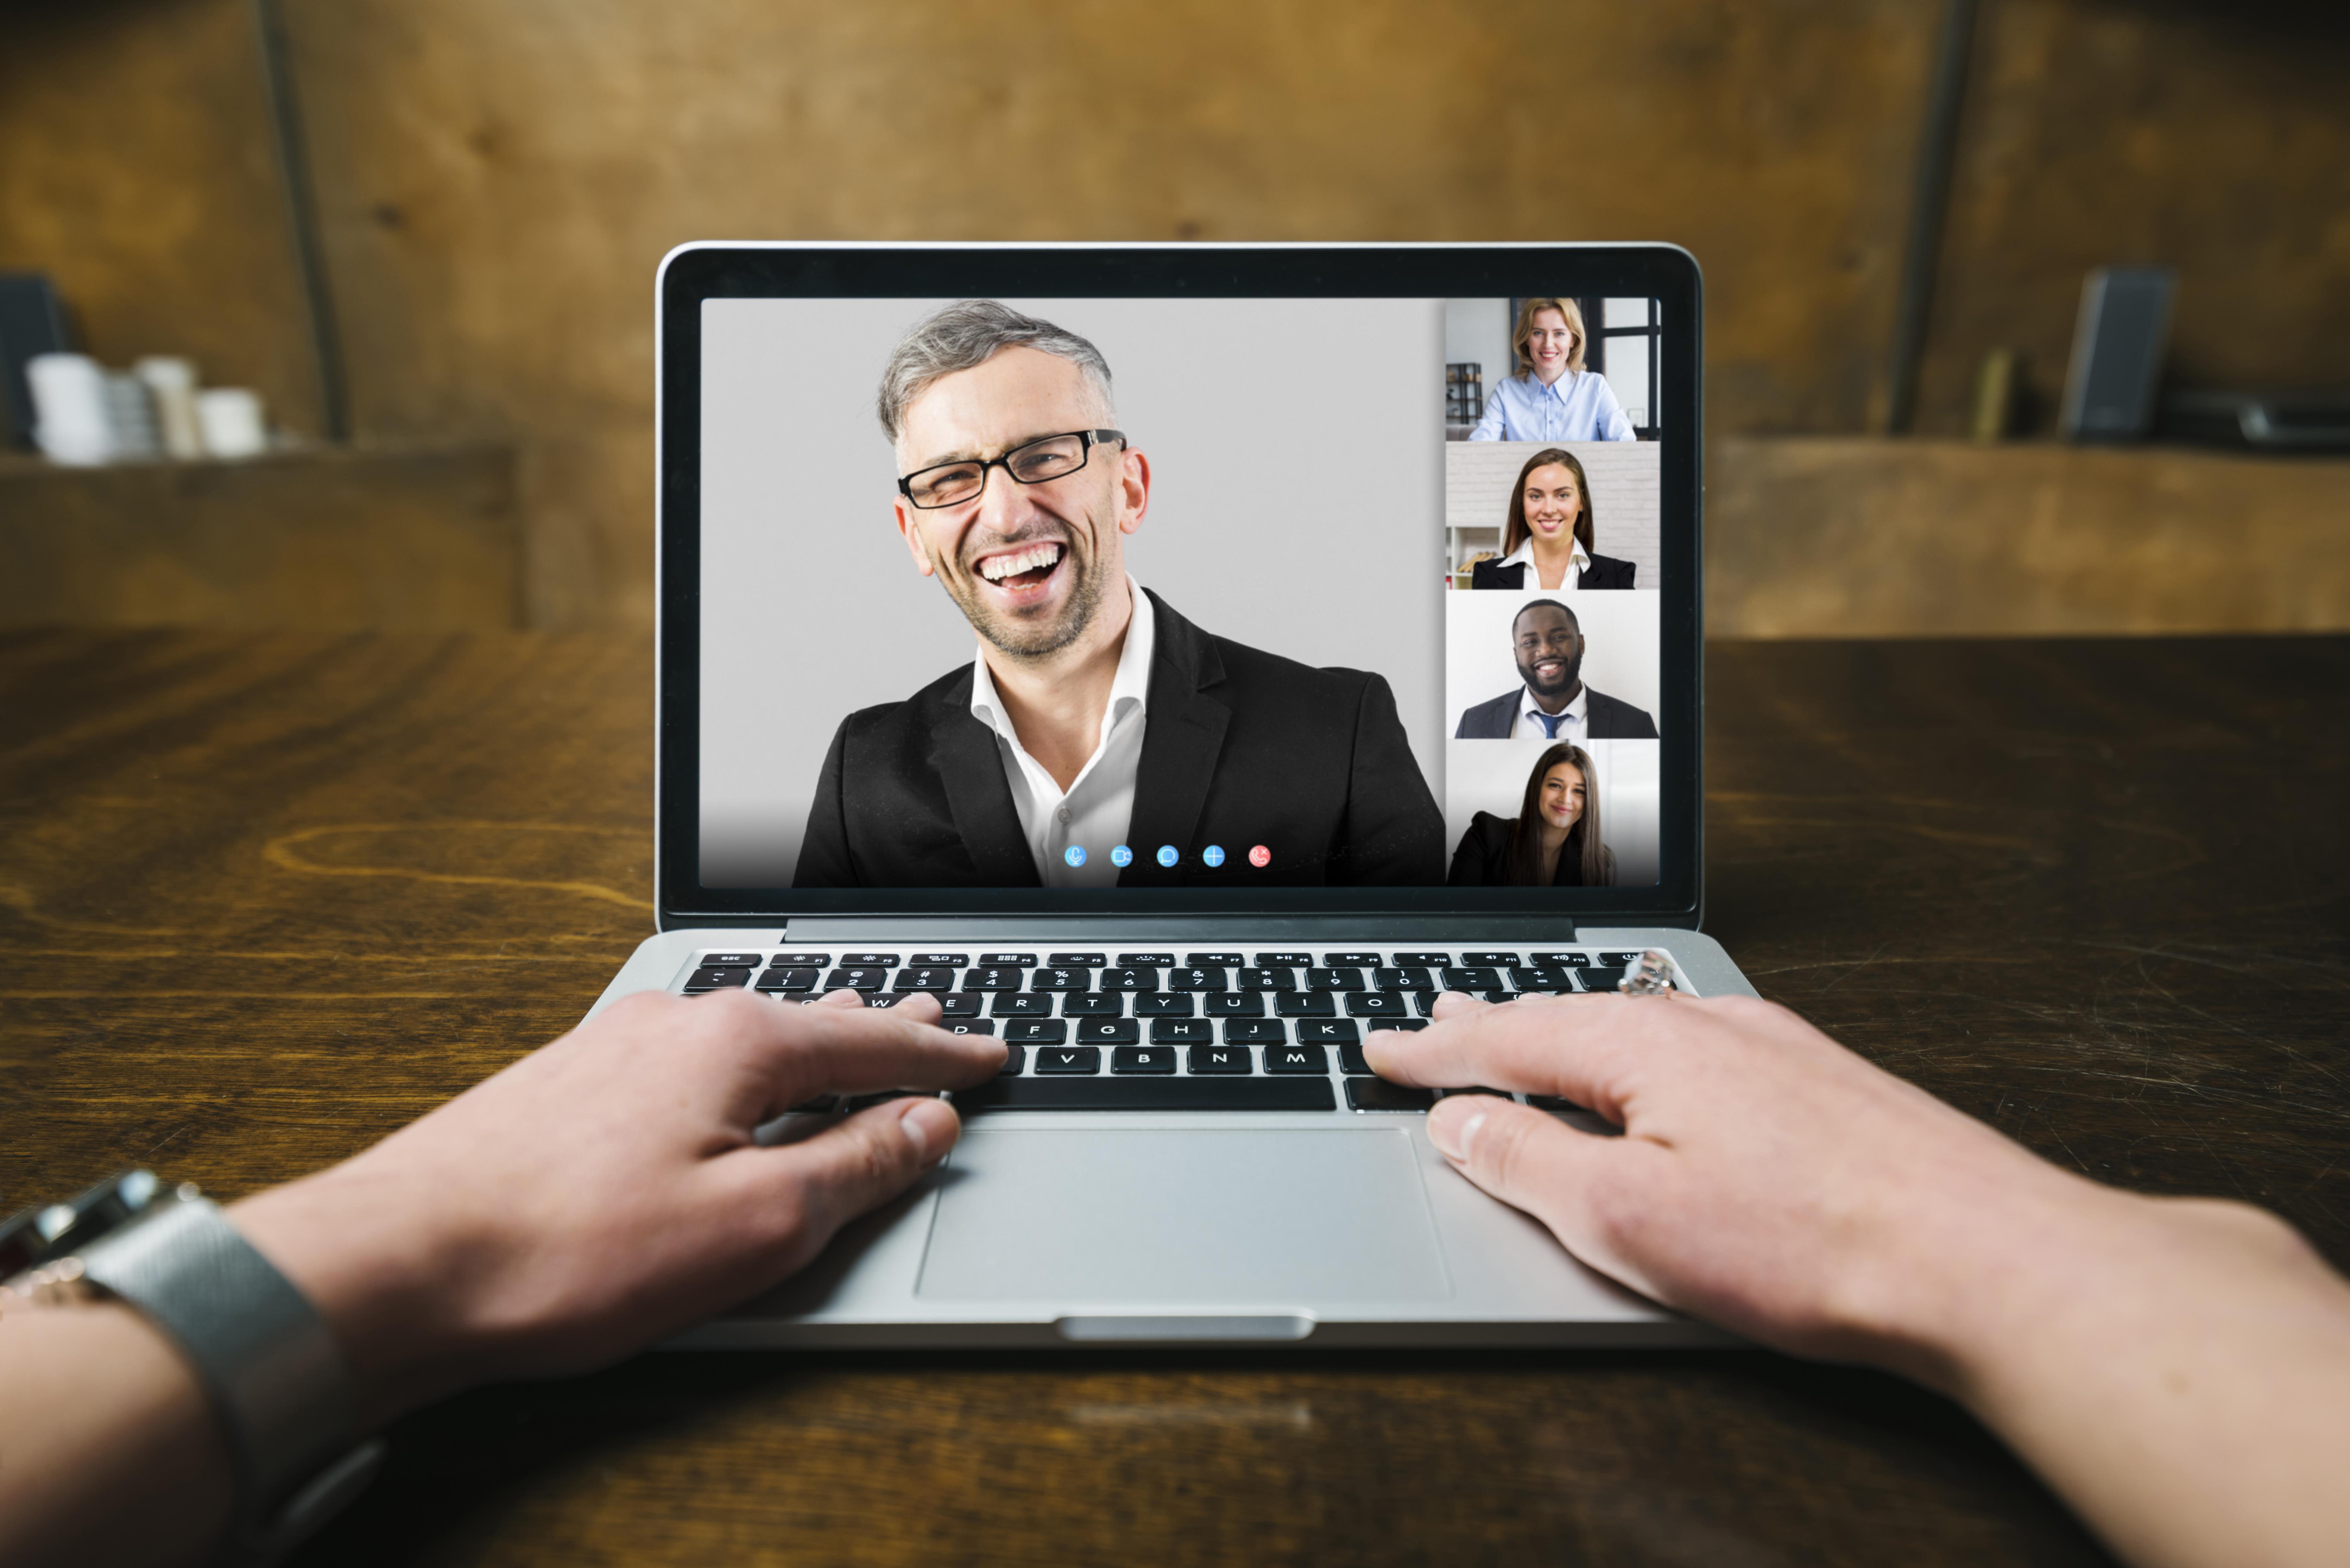 iSmart Communications Webinar Business Video Call